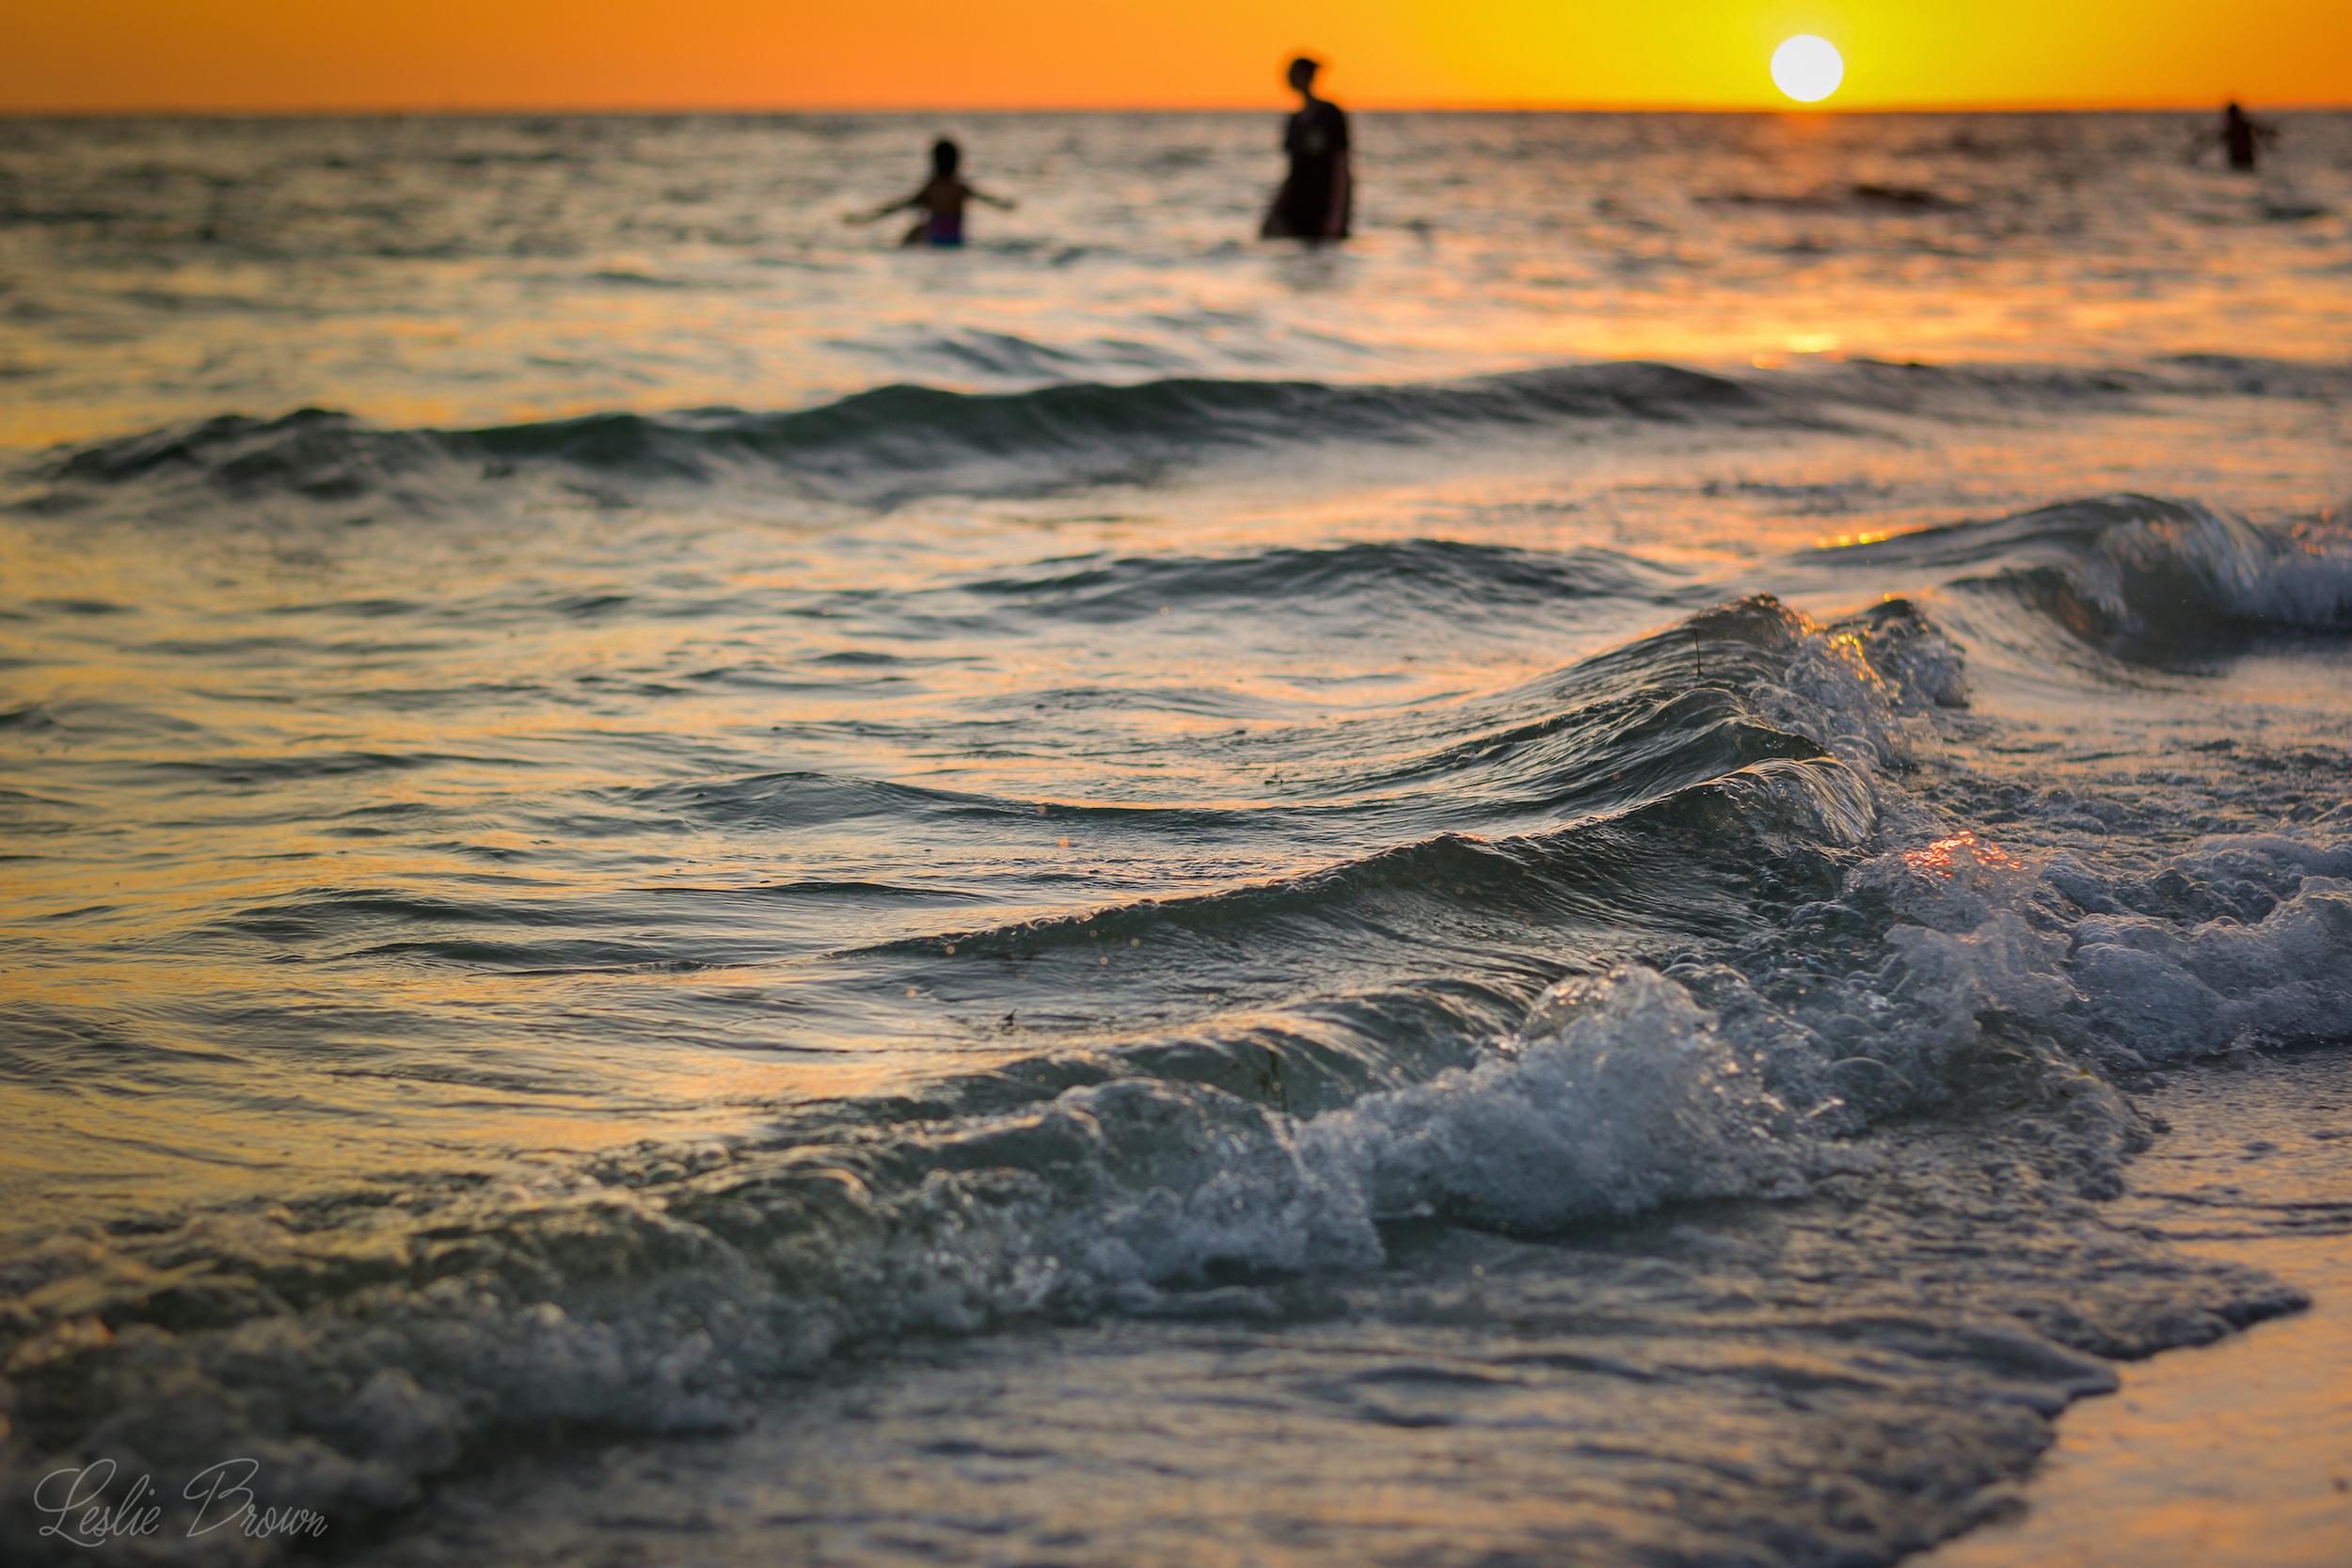 Golden Waves - Leslie Brown